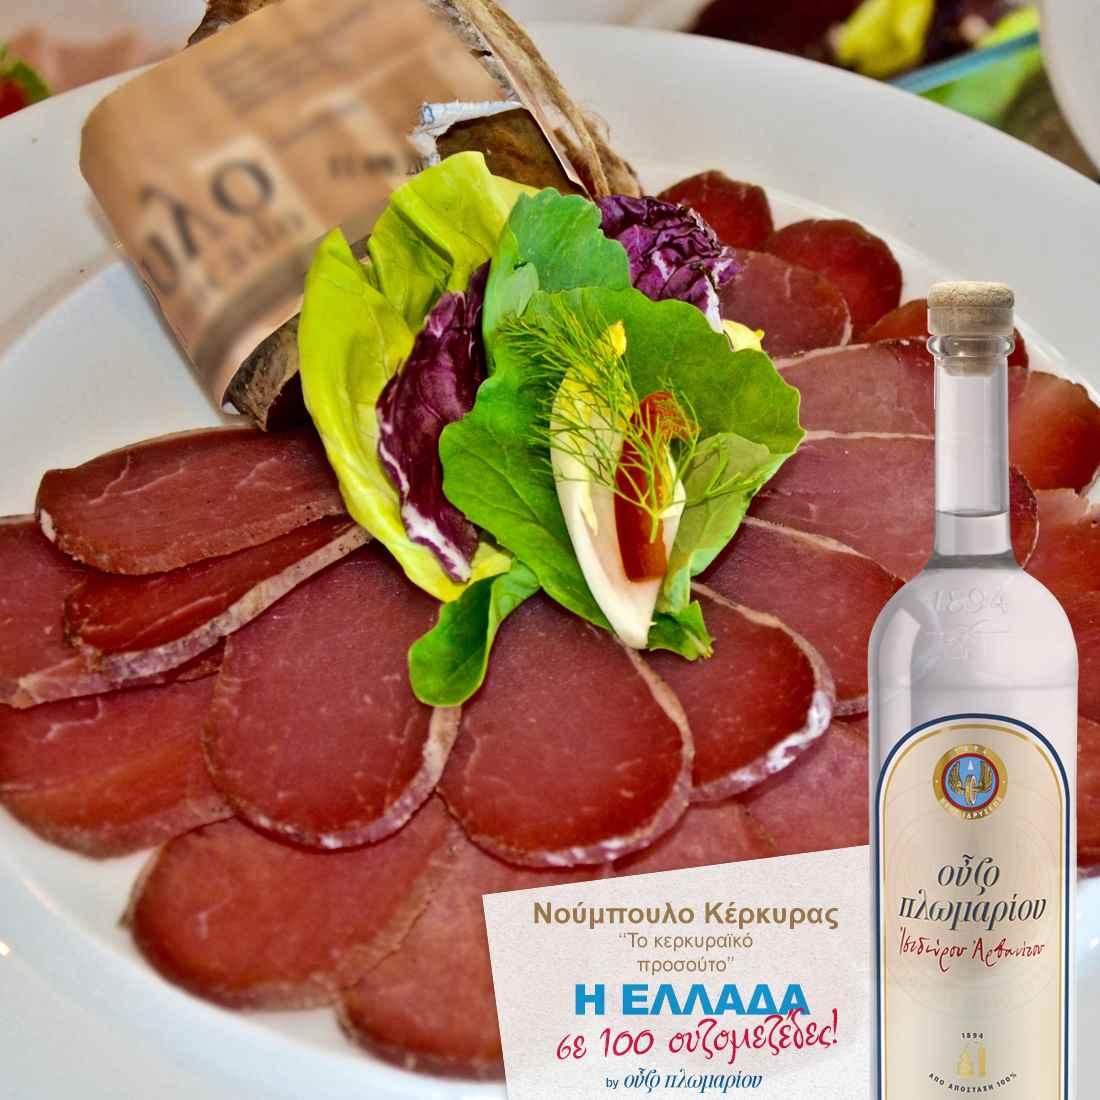 Νούμπουλο Κέρκυρας - Ουζομεζέδες - Greek Gastronomy Guide